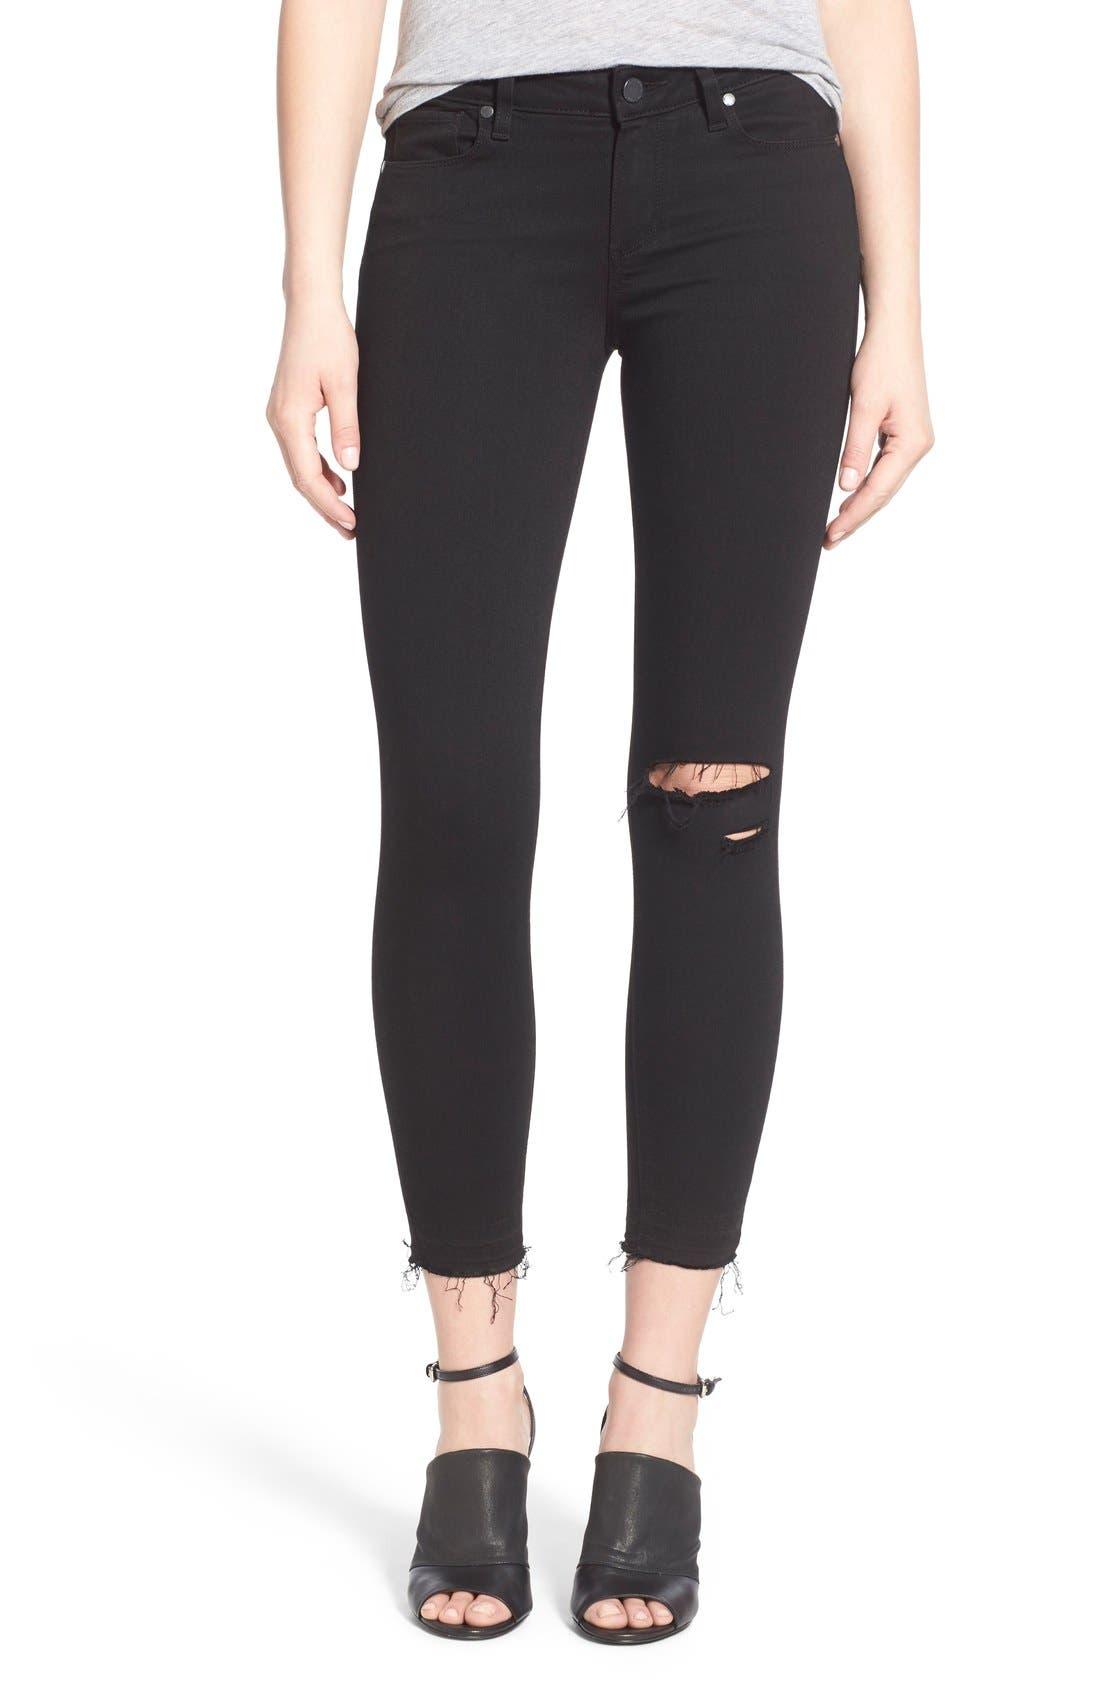 PAIGE Transcend - Verdugo Crop Skinny Jeans (Black Destructed)